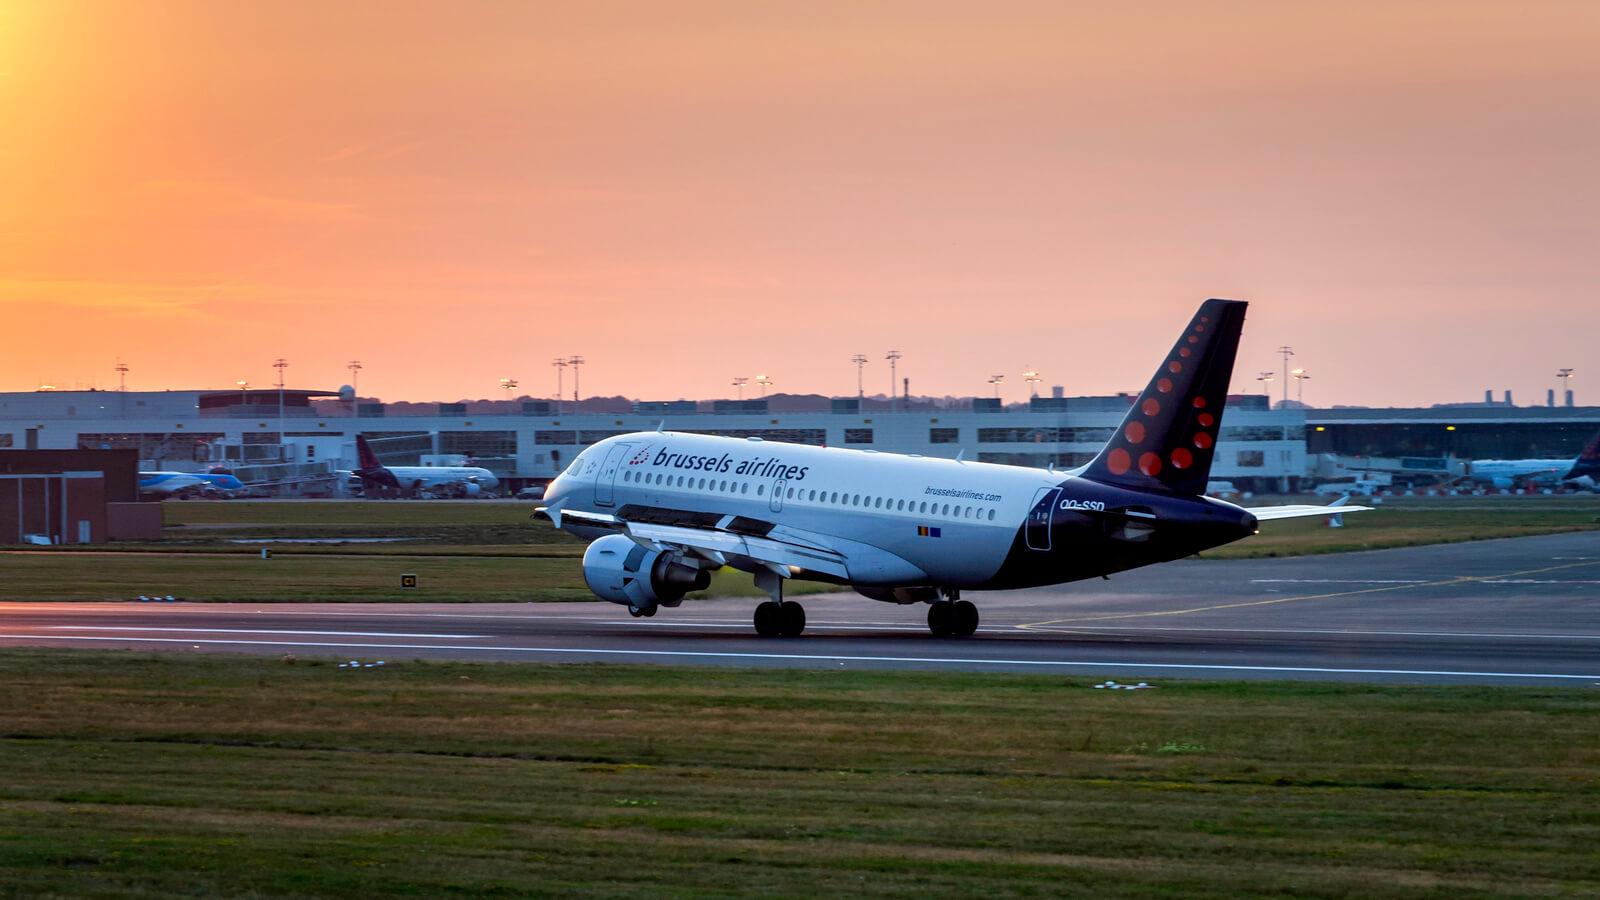 La mesure consiste en un prêt de 287 millions d'euros et en une injection de fonds propres d'environ 3 millions d'euros. - Photo Brussels Airlines